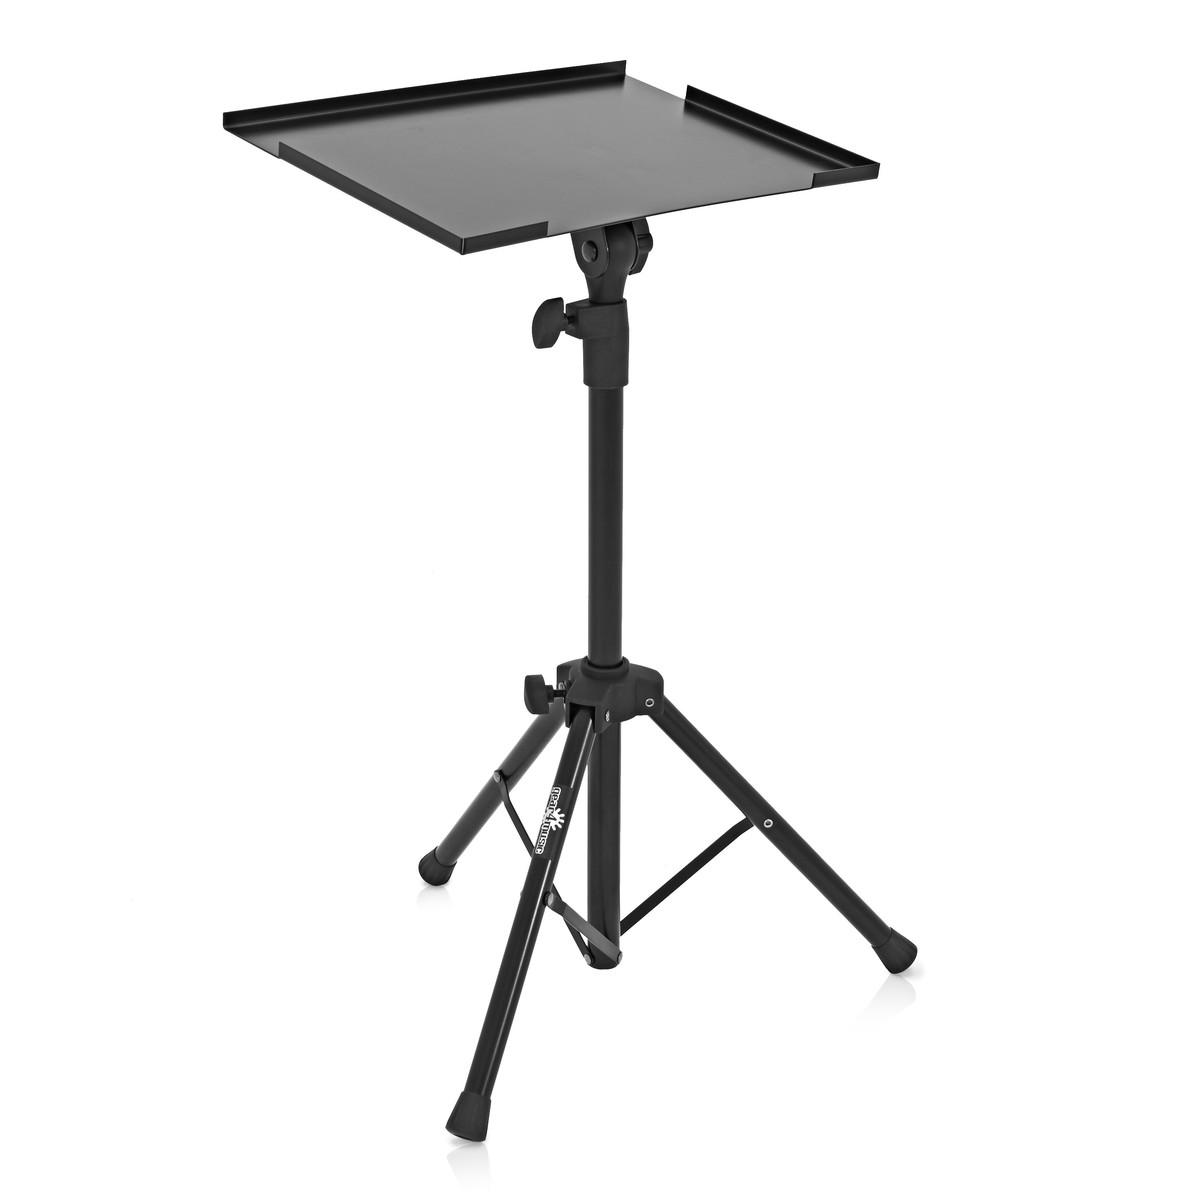 socle d 39 ordinateur portable r glable par gear4music b stock. Black Bedroom Furniture Sets. Home Design Ideas